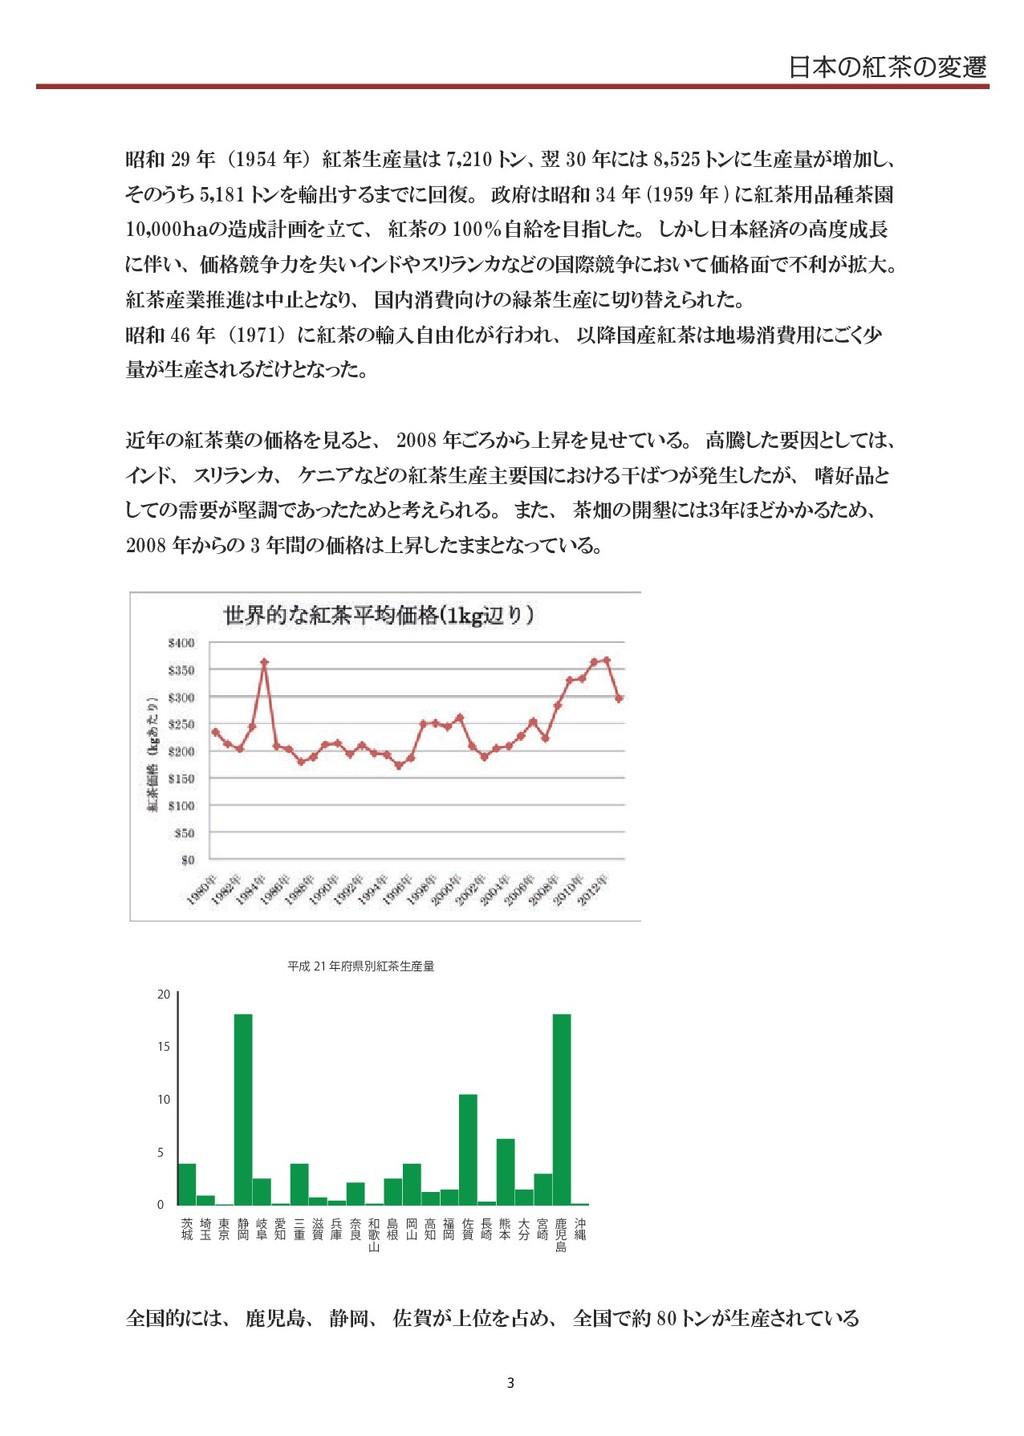 ຊͷߚͷมભ 昭和 29 年 (1954 年) 紅茶生産量は 7,210 トン、翌 30 ...